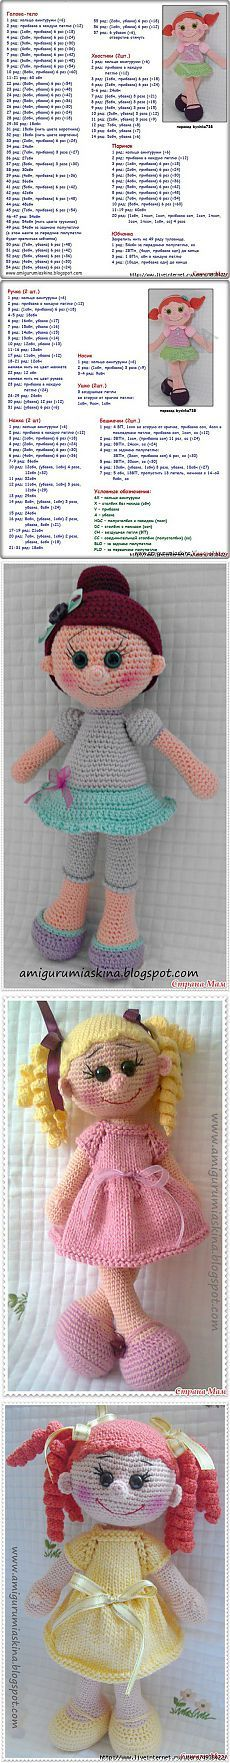 Dzianiny doll - amigurumi (tłumaczenie opisu).